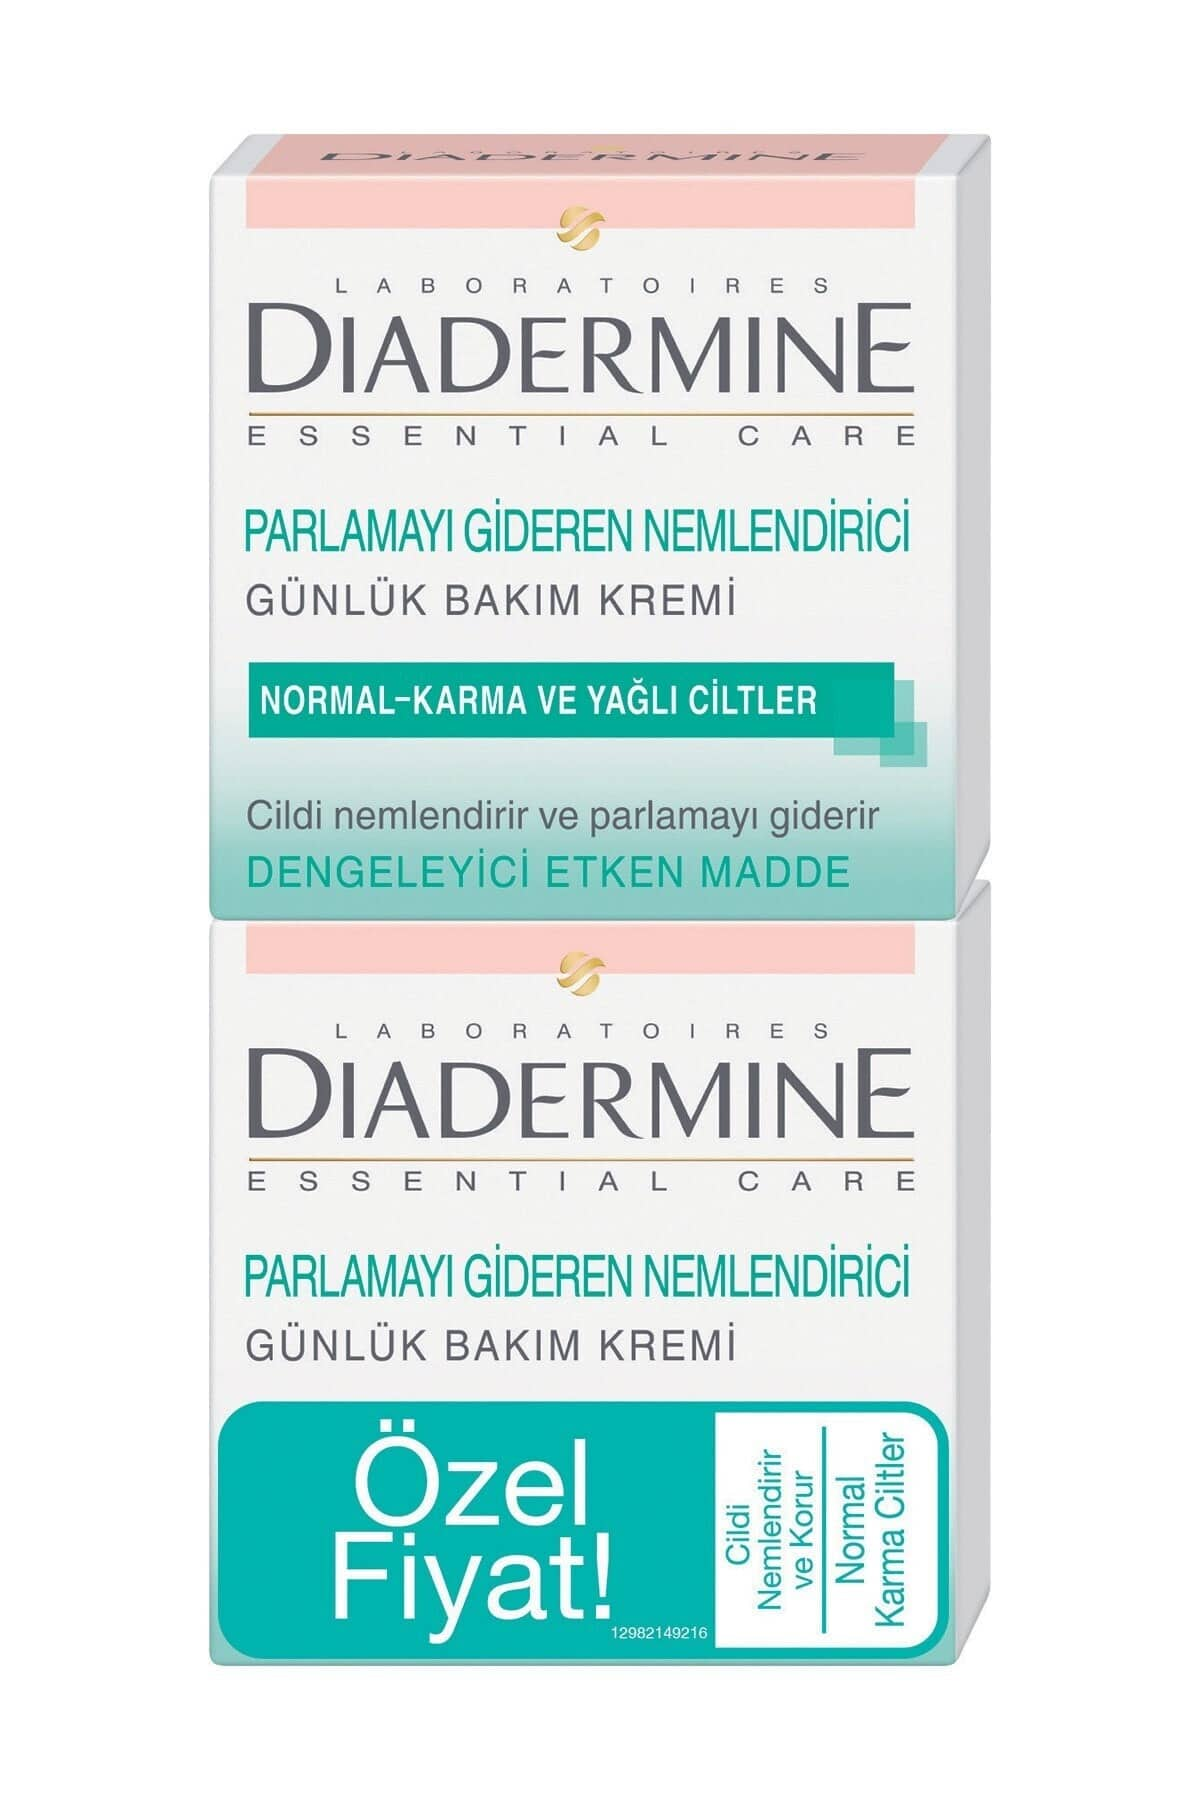 Diadermine Normal, Karma Ve Yağlı Ciltler İçin Nemlendirici Bakım Kremi 2'li 50 ml